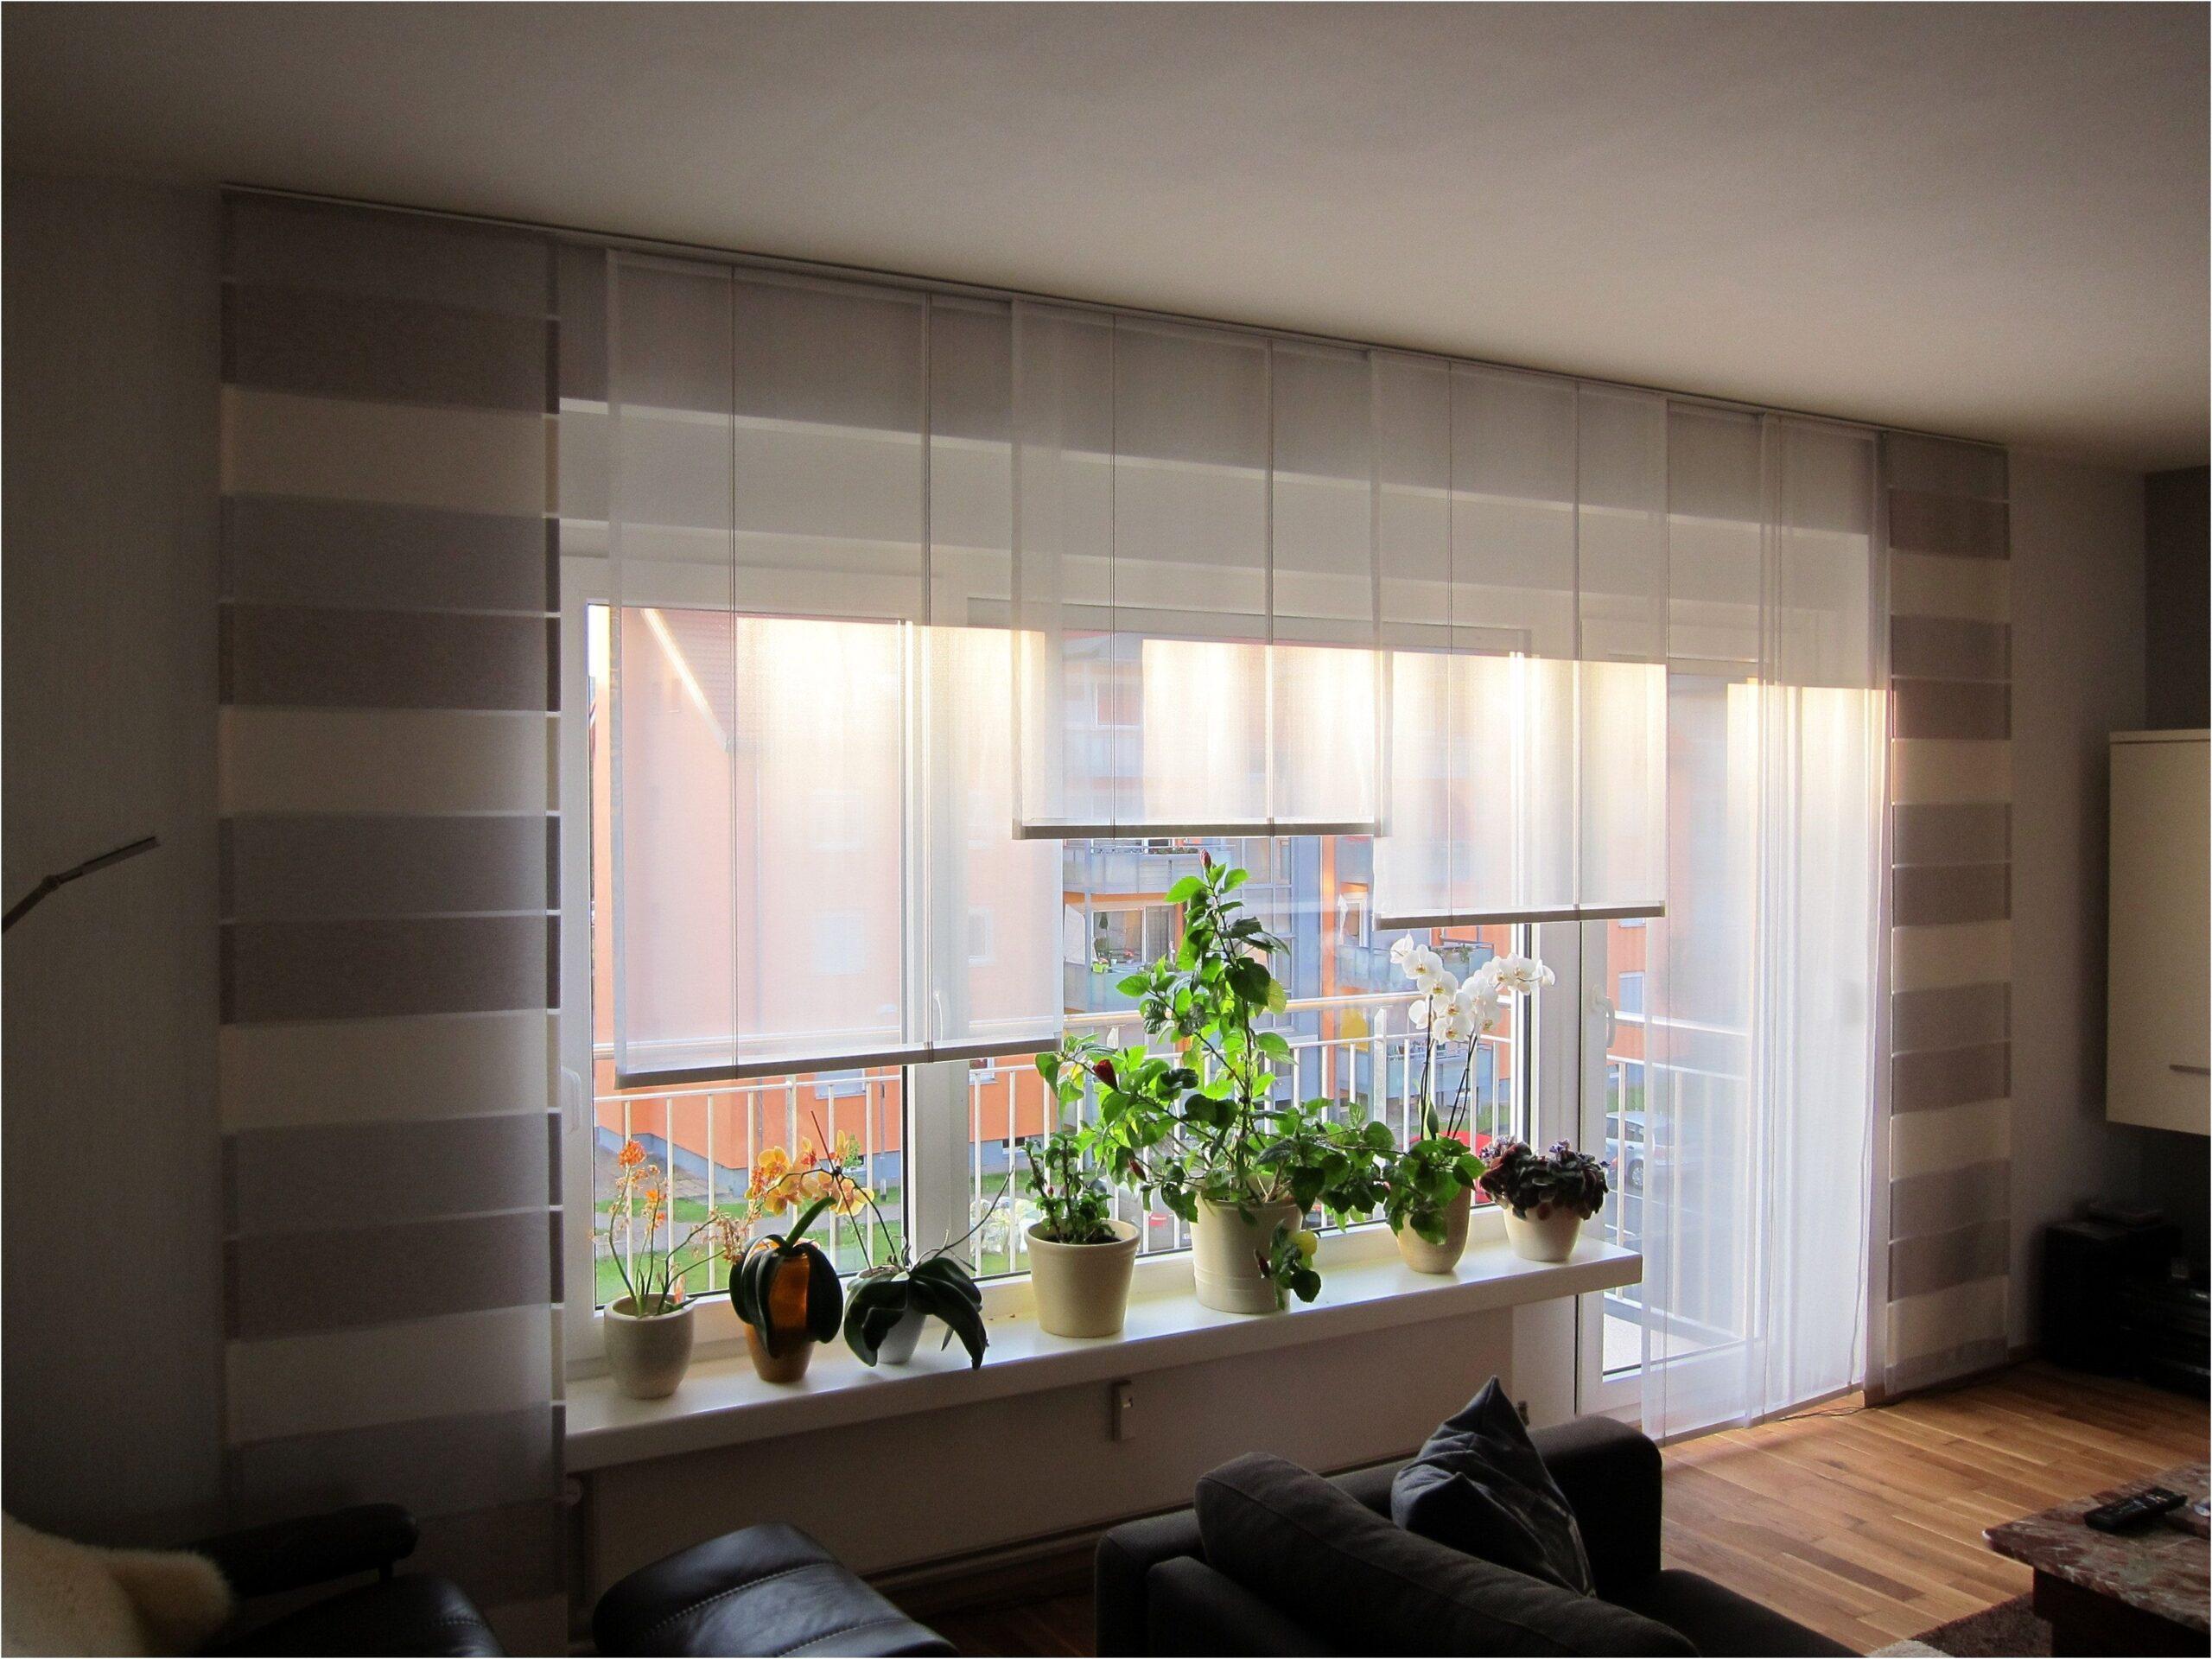 Full Size of Scheibengardinen Balkontür Ideal Balkontr Vorhang Auen In 2020 Gardinen Wohnzimmer Küche Wohnzimmer Scheibengardinen Balkontür